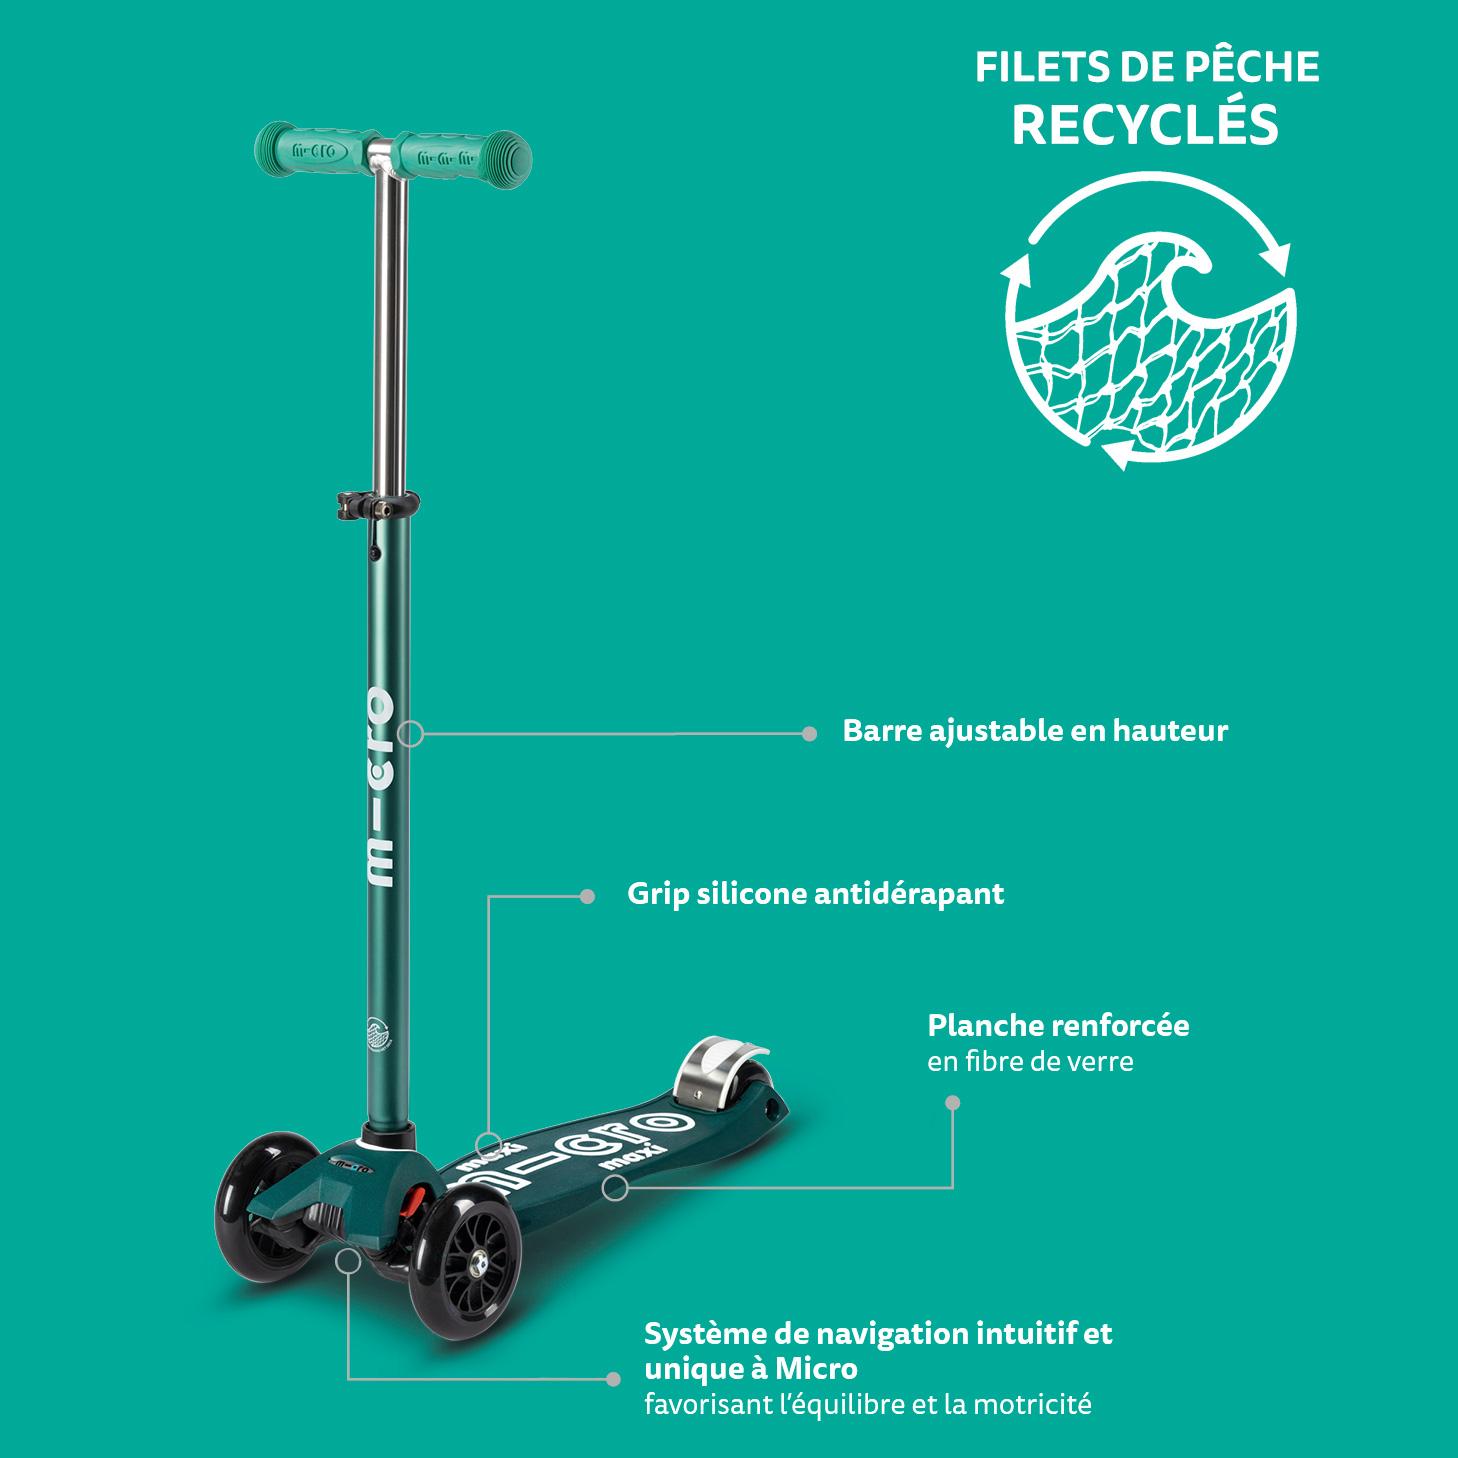 Maxi Micro Éco - Micro-Mobility